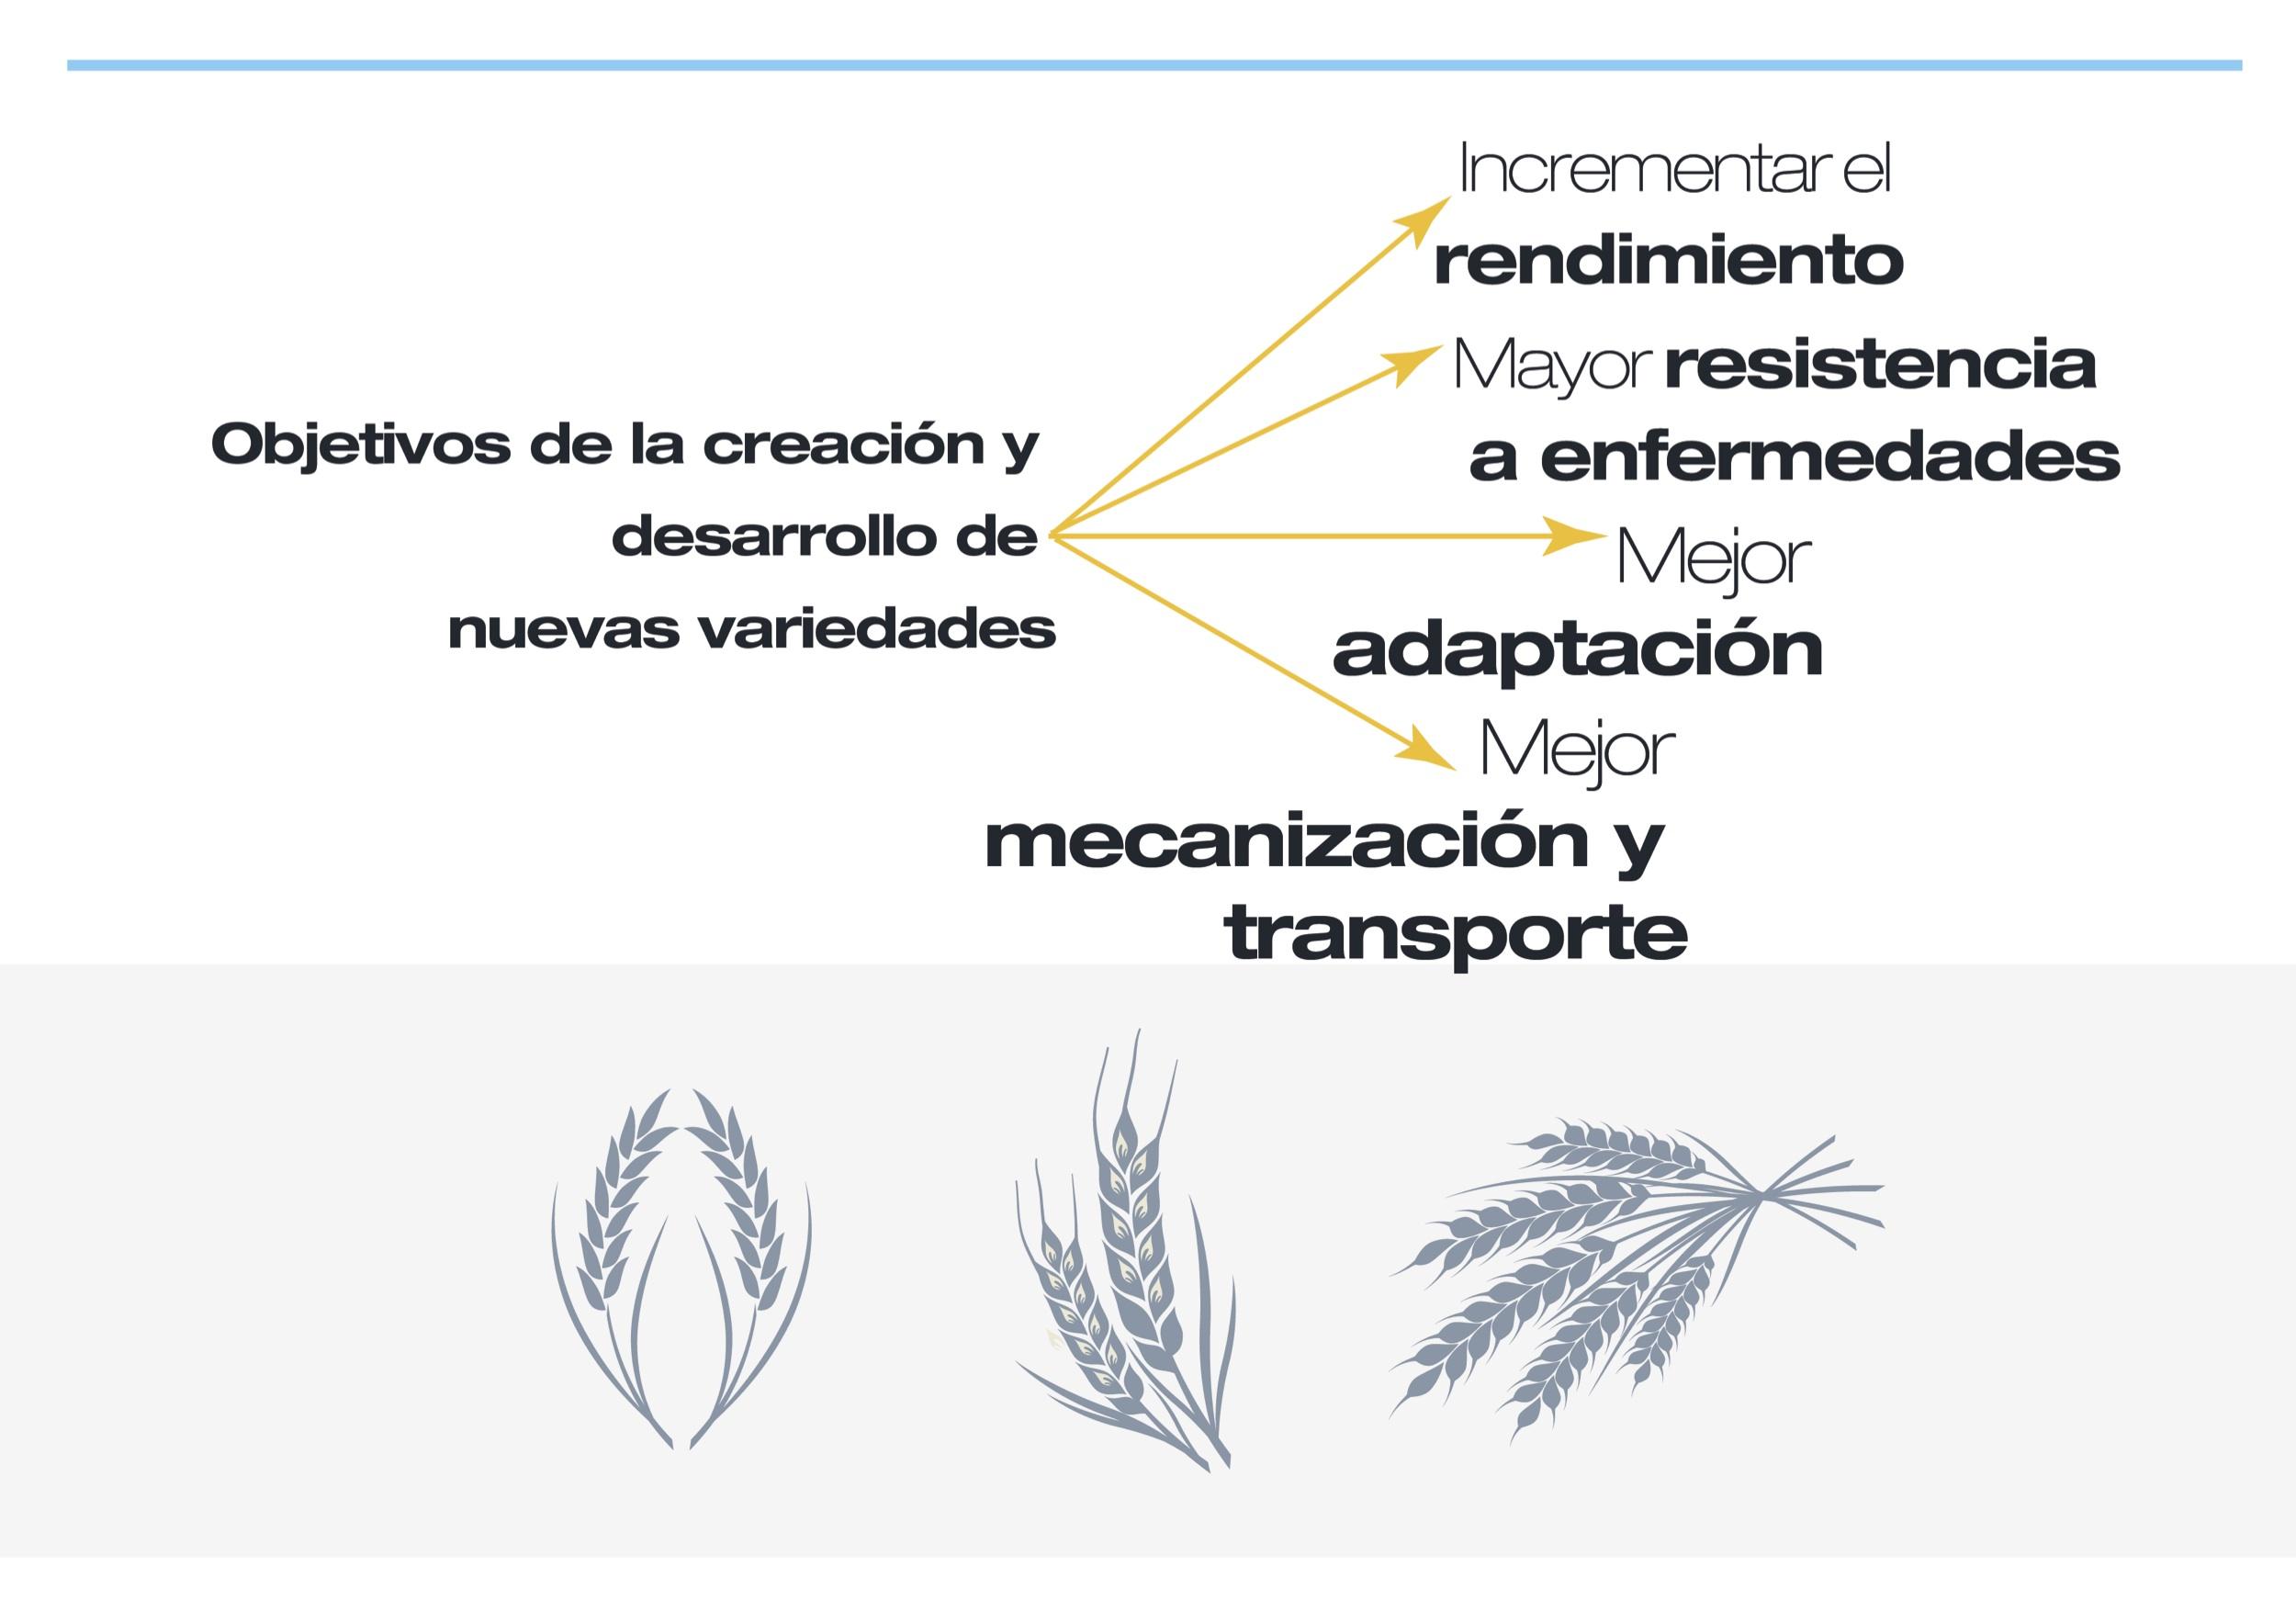 objetivos de la creacion nuevas variedades